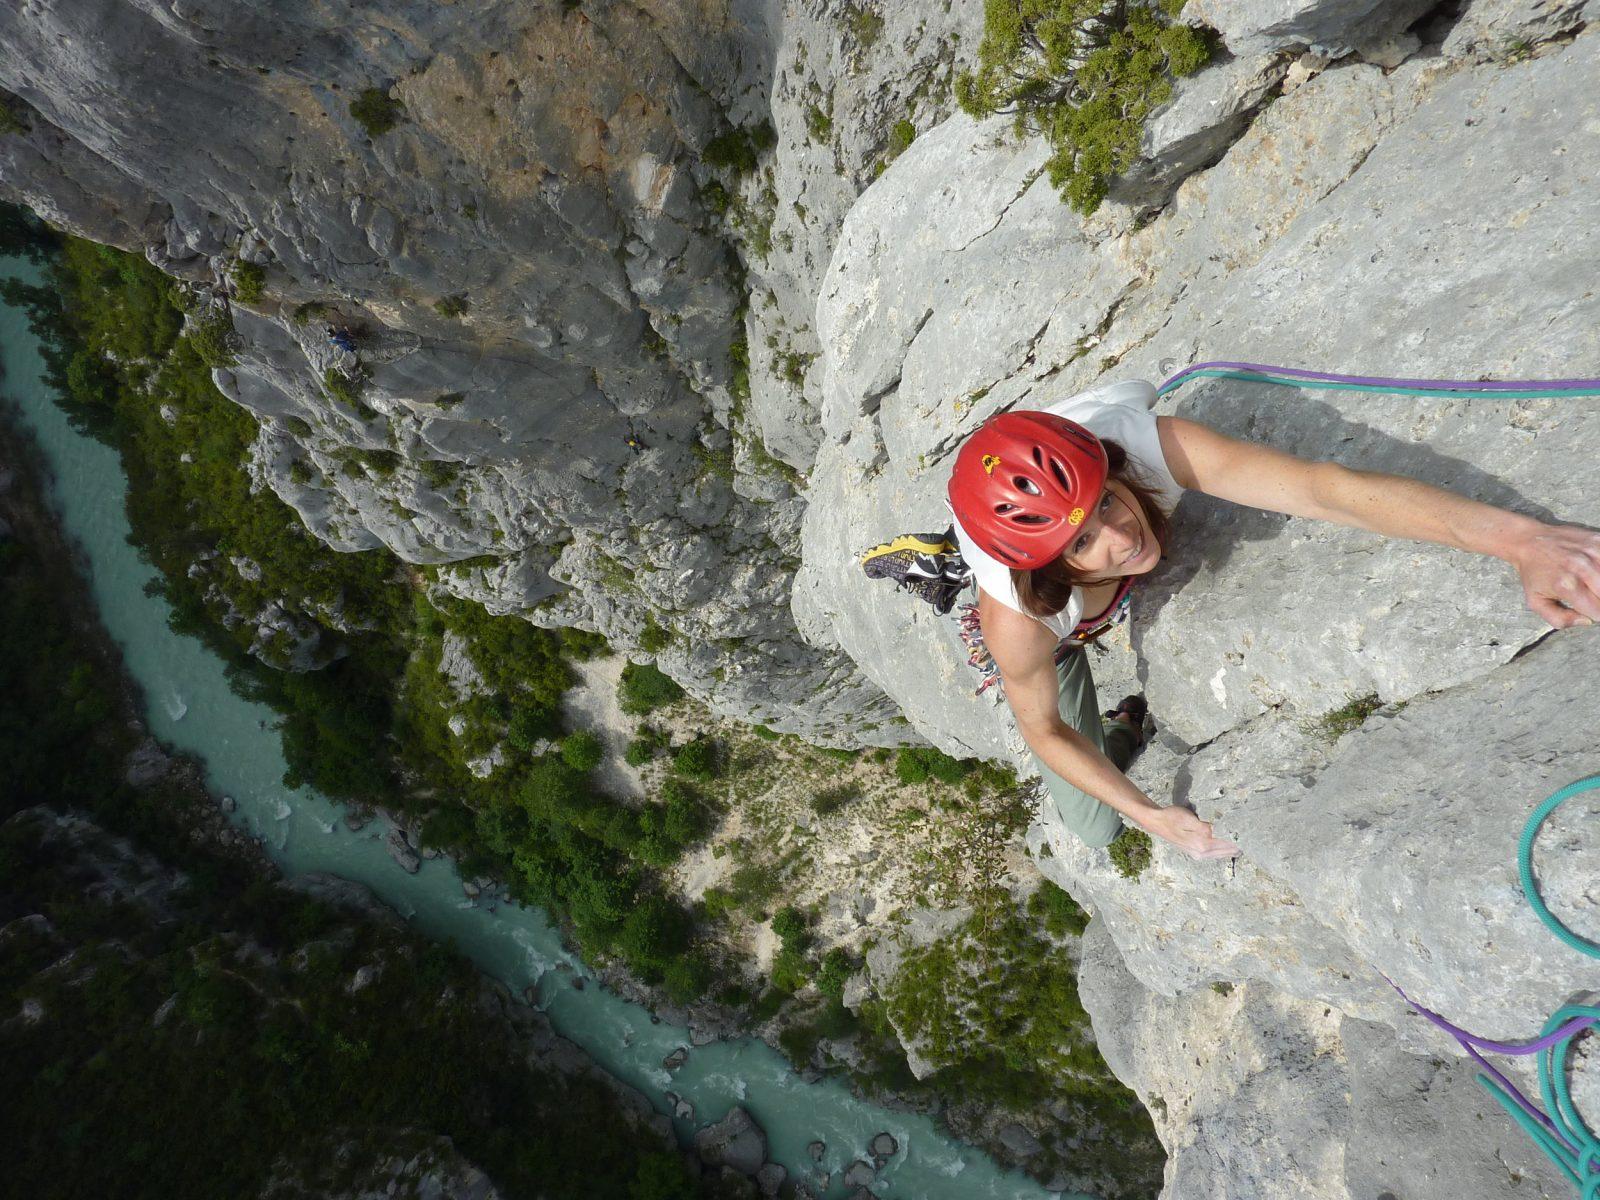 Sturzangst überwinden und befreiter klettern, Foto: Martina Scheichl |Climbers Paradise